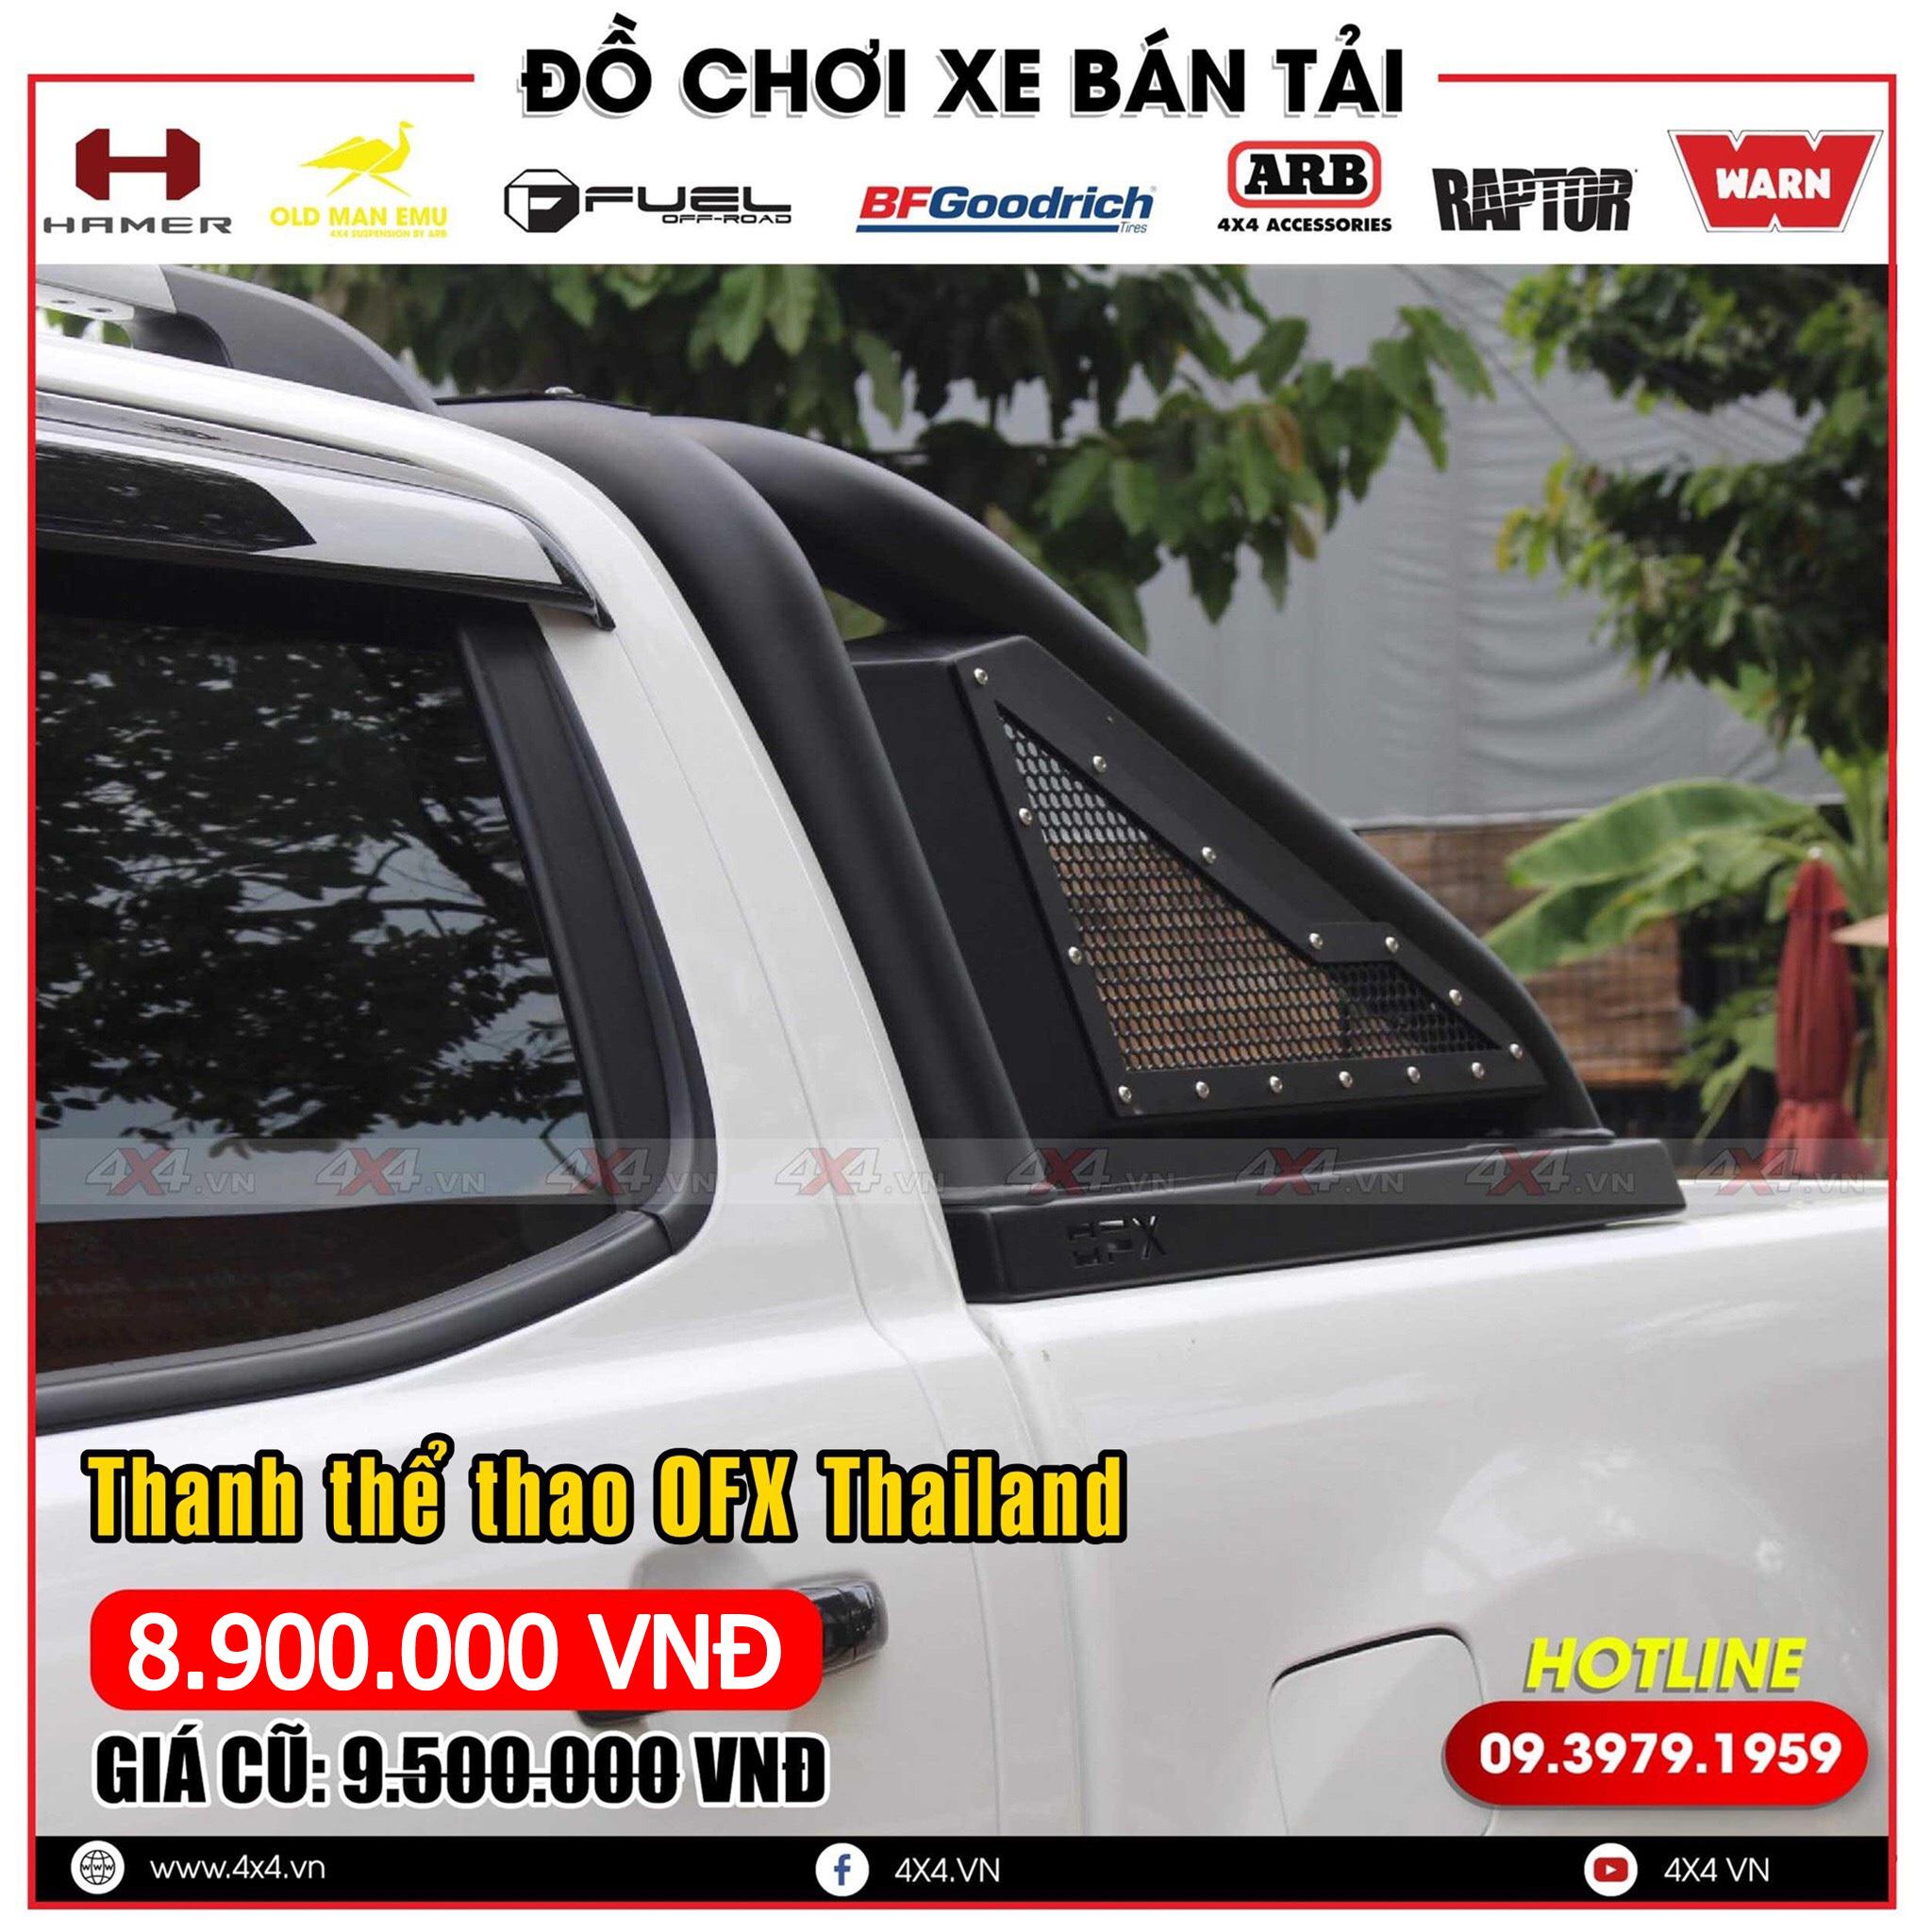 Xe bán tải Ford Ranger độ đẹp và đẳng cấp với mẫu thanh thể thao OFX Thái Lan